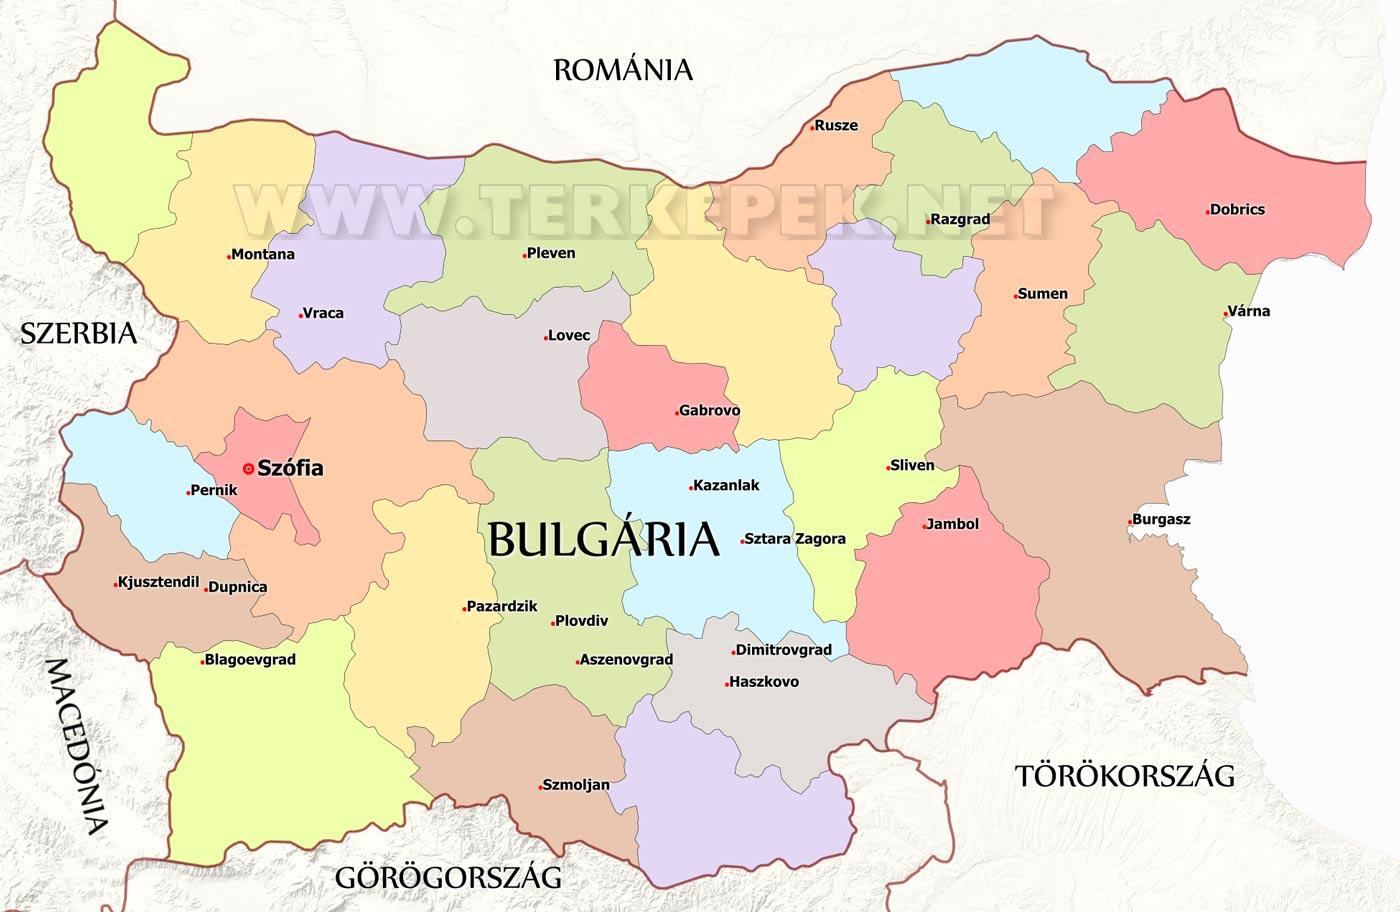 magyarország bulgária térkép Bulgária térképek magyarország bulgária térkép